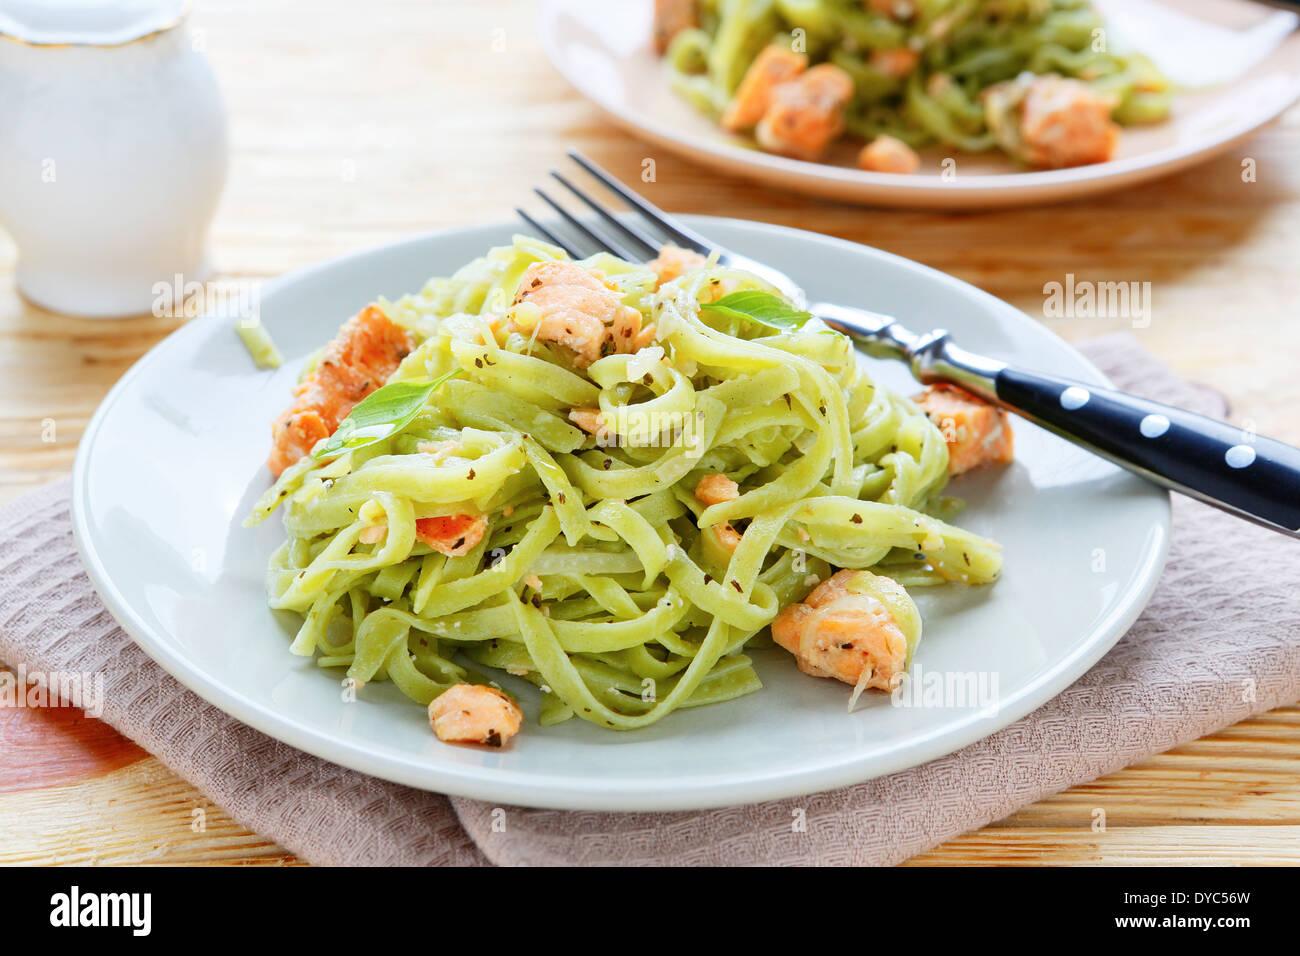 nahrhafte Spinat Pasta mit Lachs, Essen Nahaufnahme Stockbild